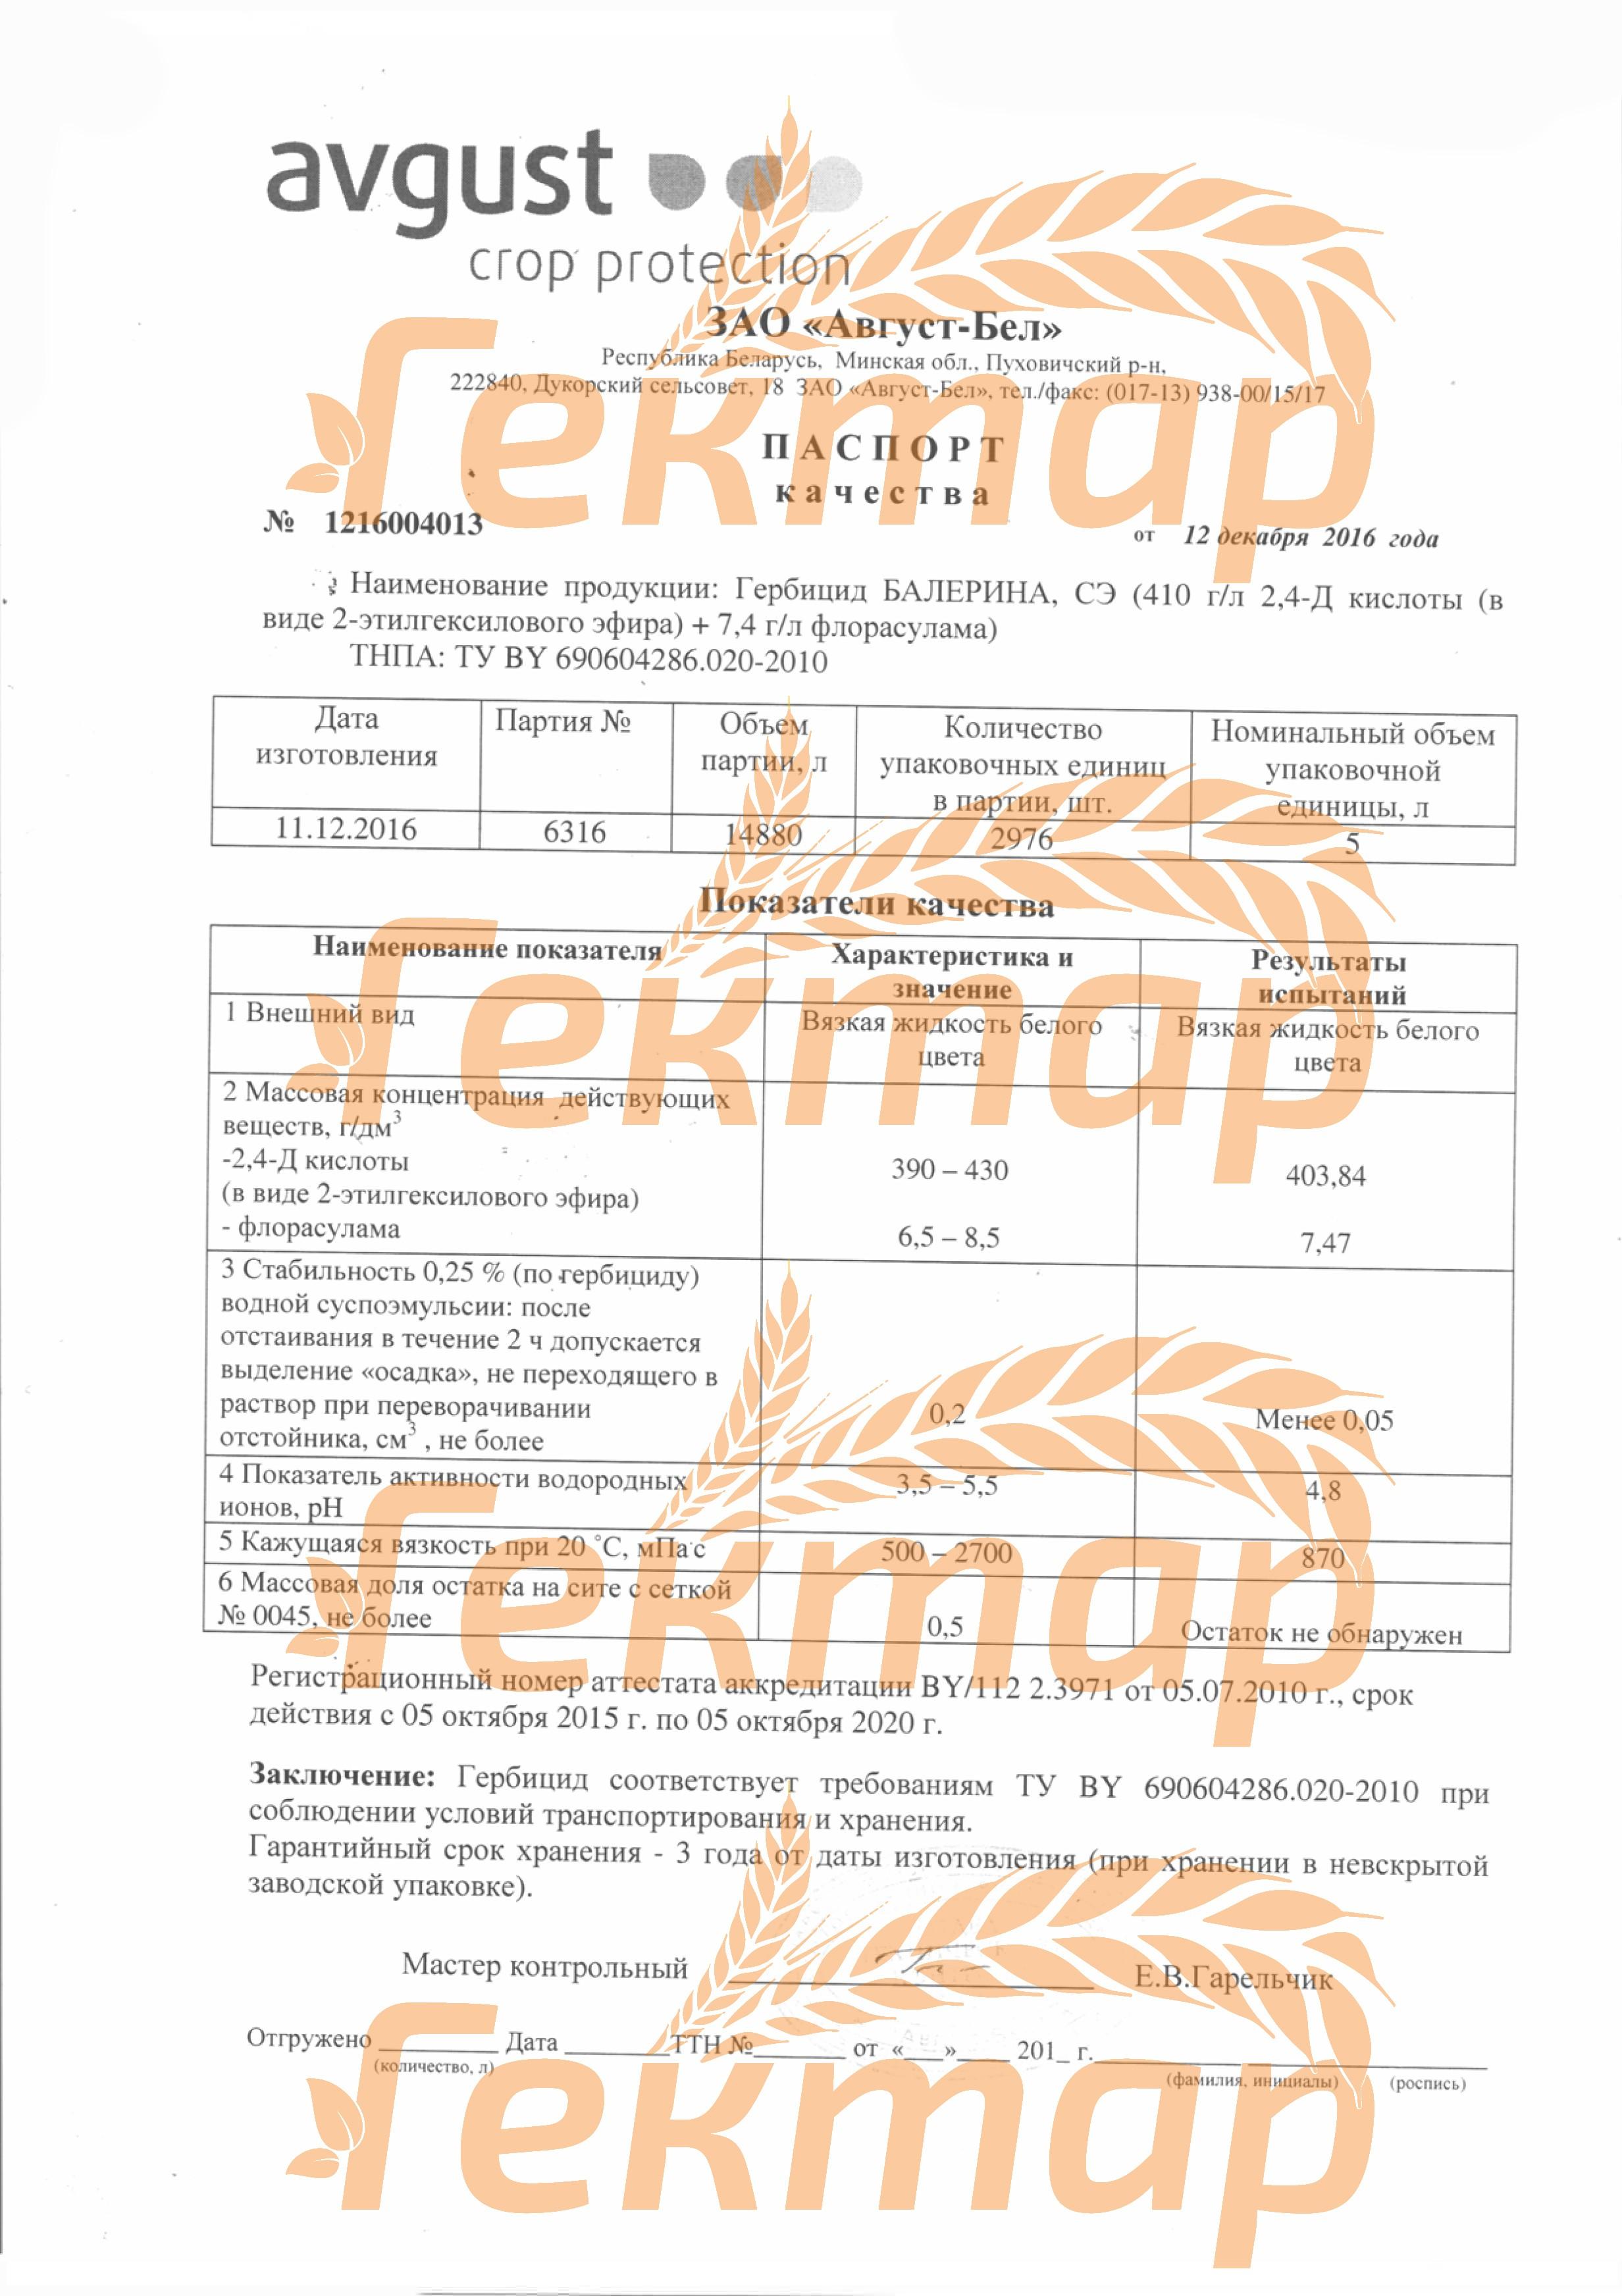 https://hectare.ua/upload/5aafa95846307.jpg